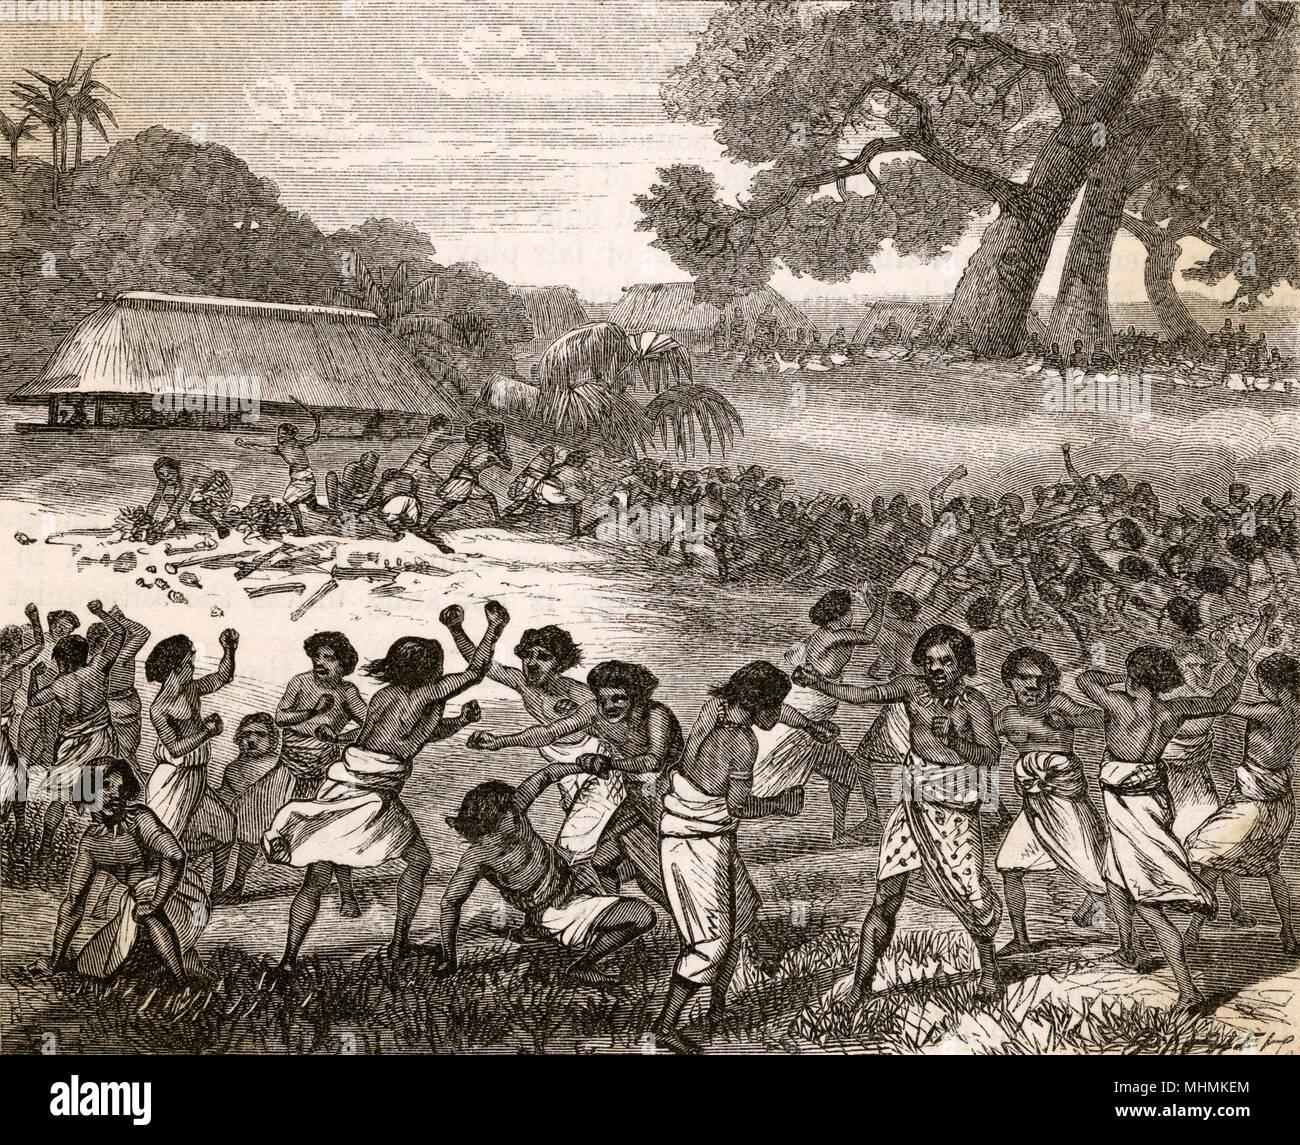 Pugilism en el Pacífico como una multitud de Tonga remolque remolque pelea durante el festival. Fecha: 1870 Foto de stock